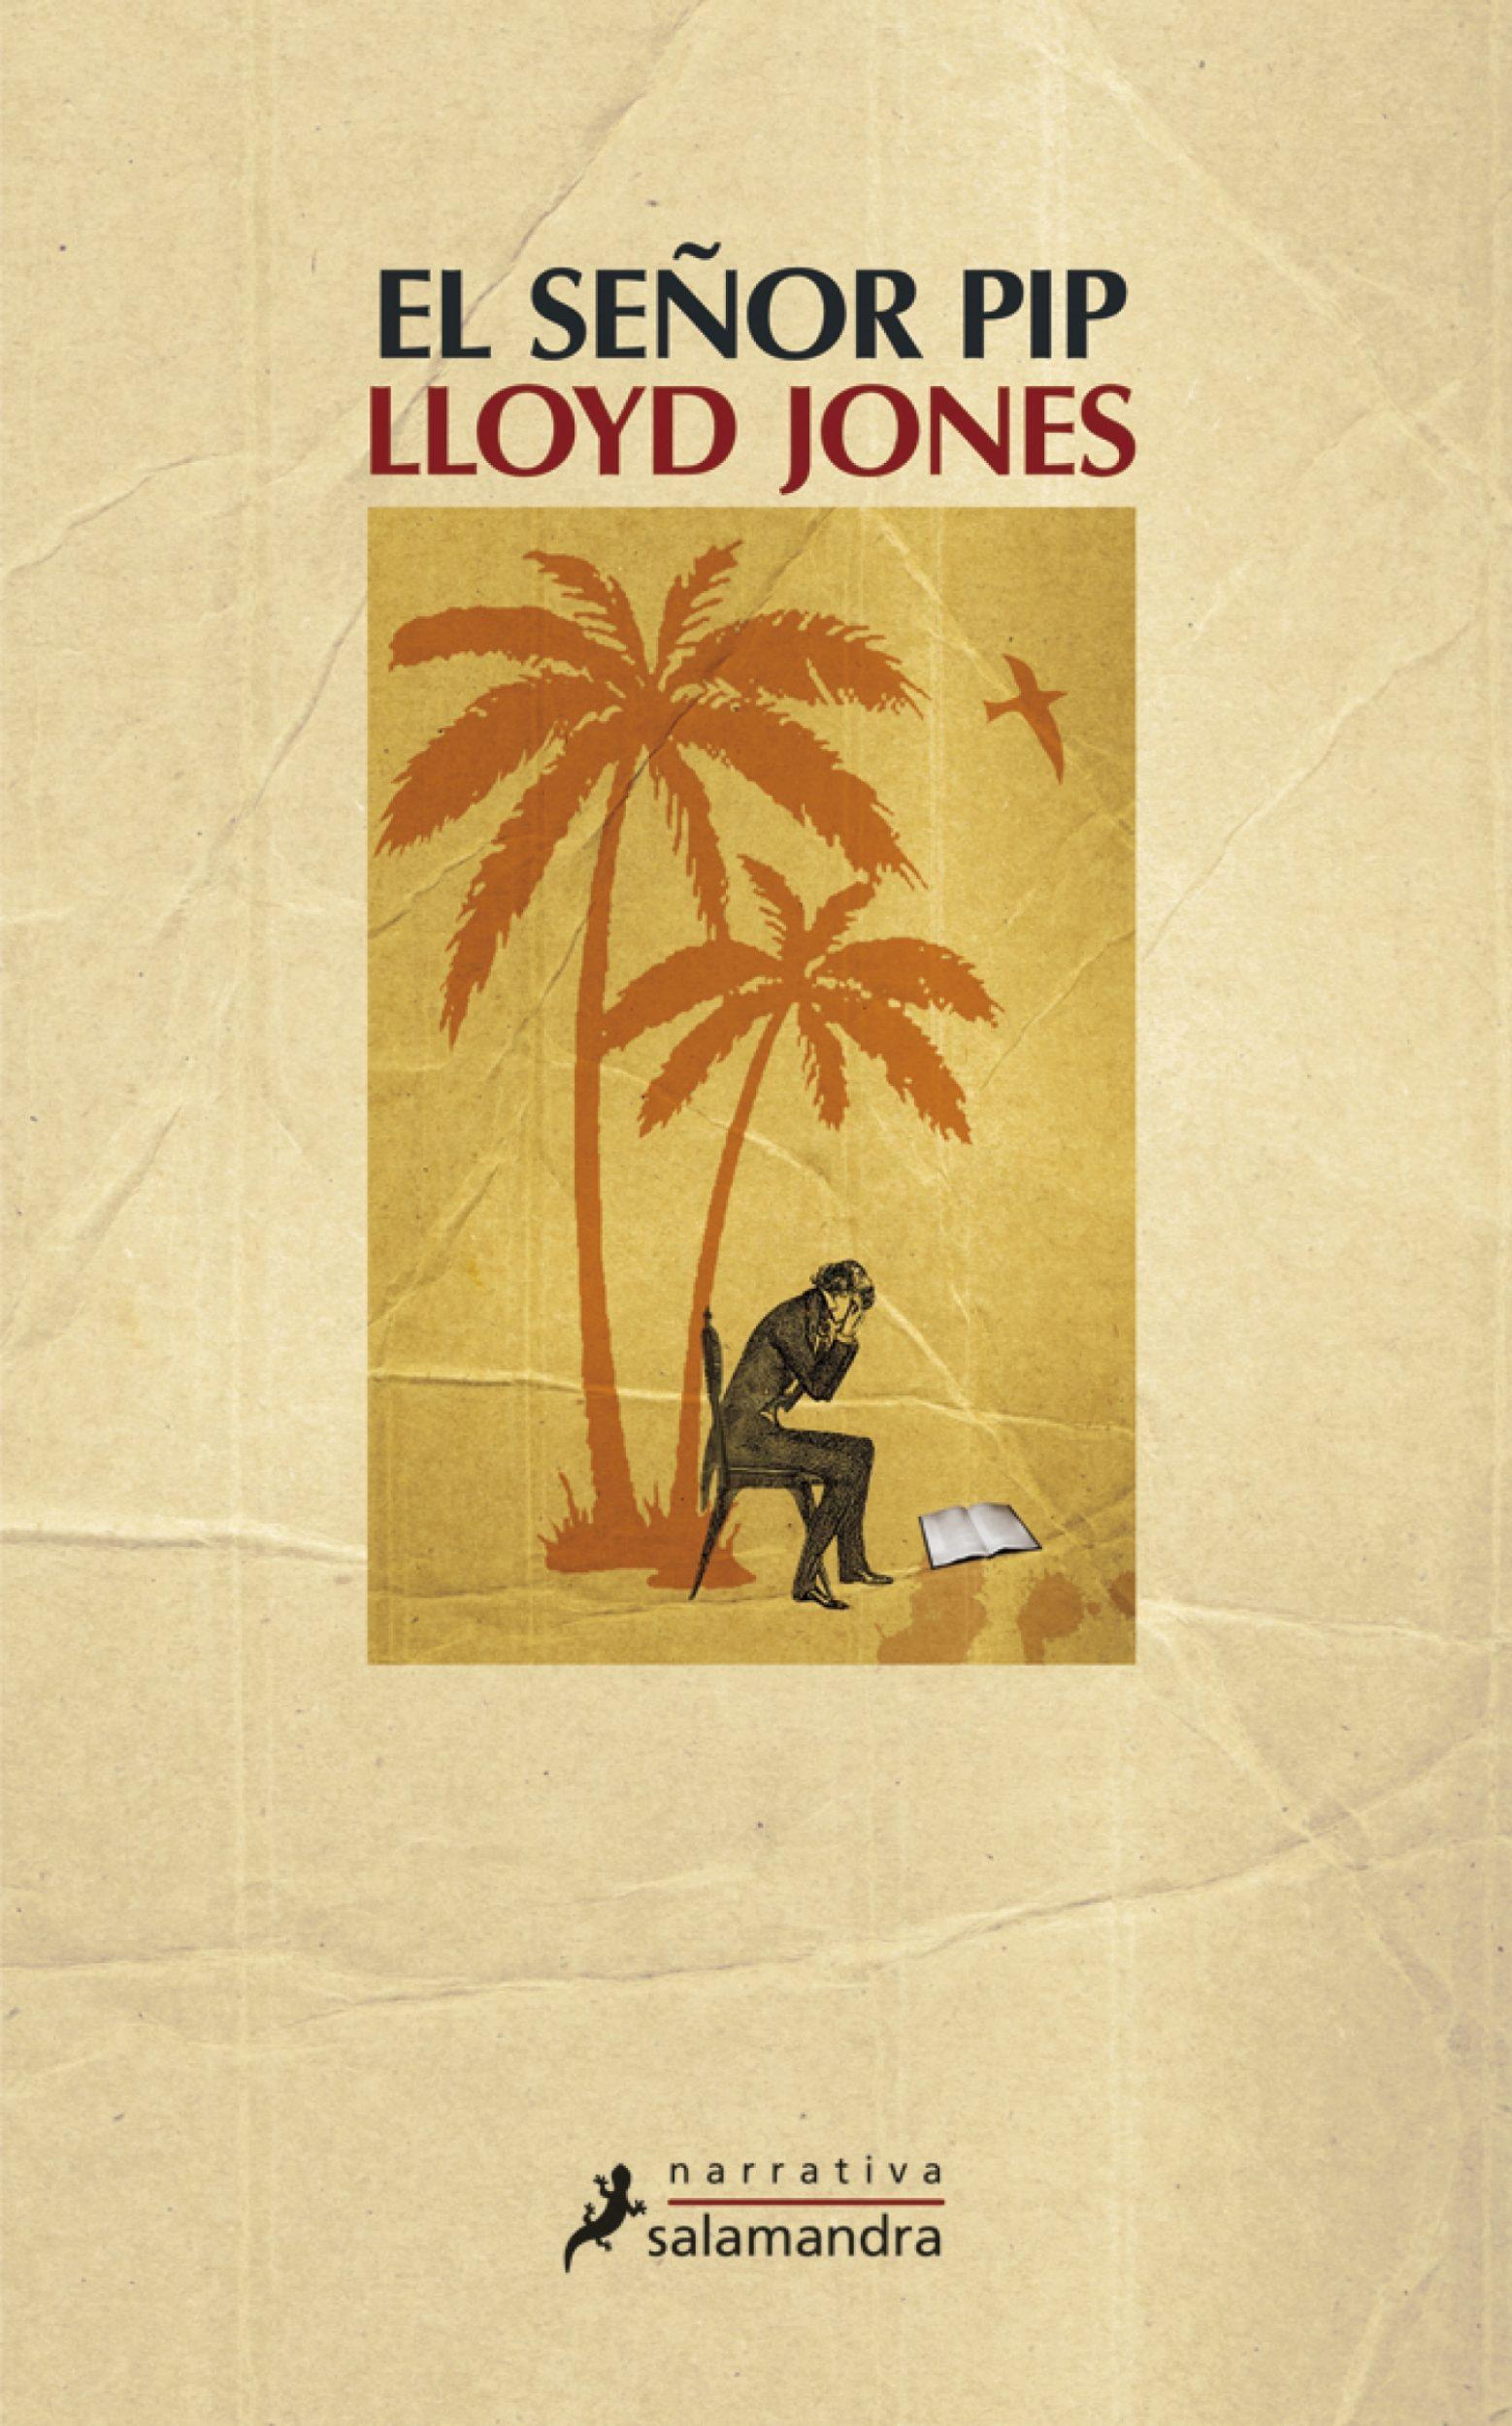 EL SEÑOR PIP EBOOK | LLOYD JONES | Descargar libro PDF o EPUB ...